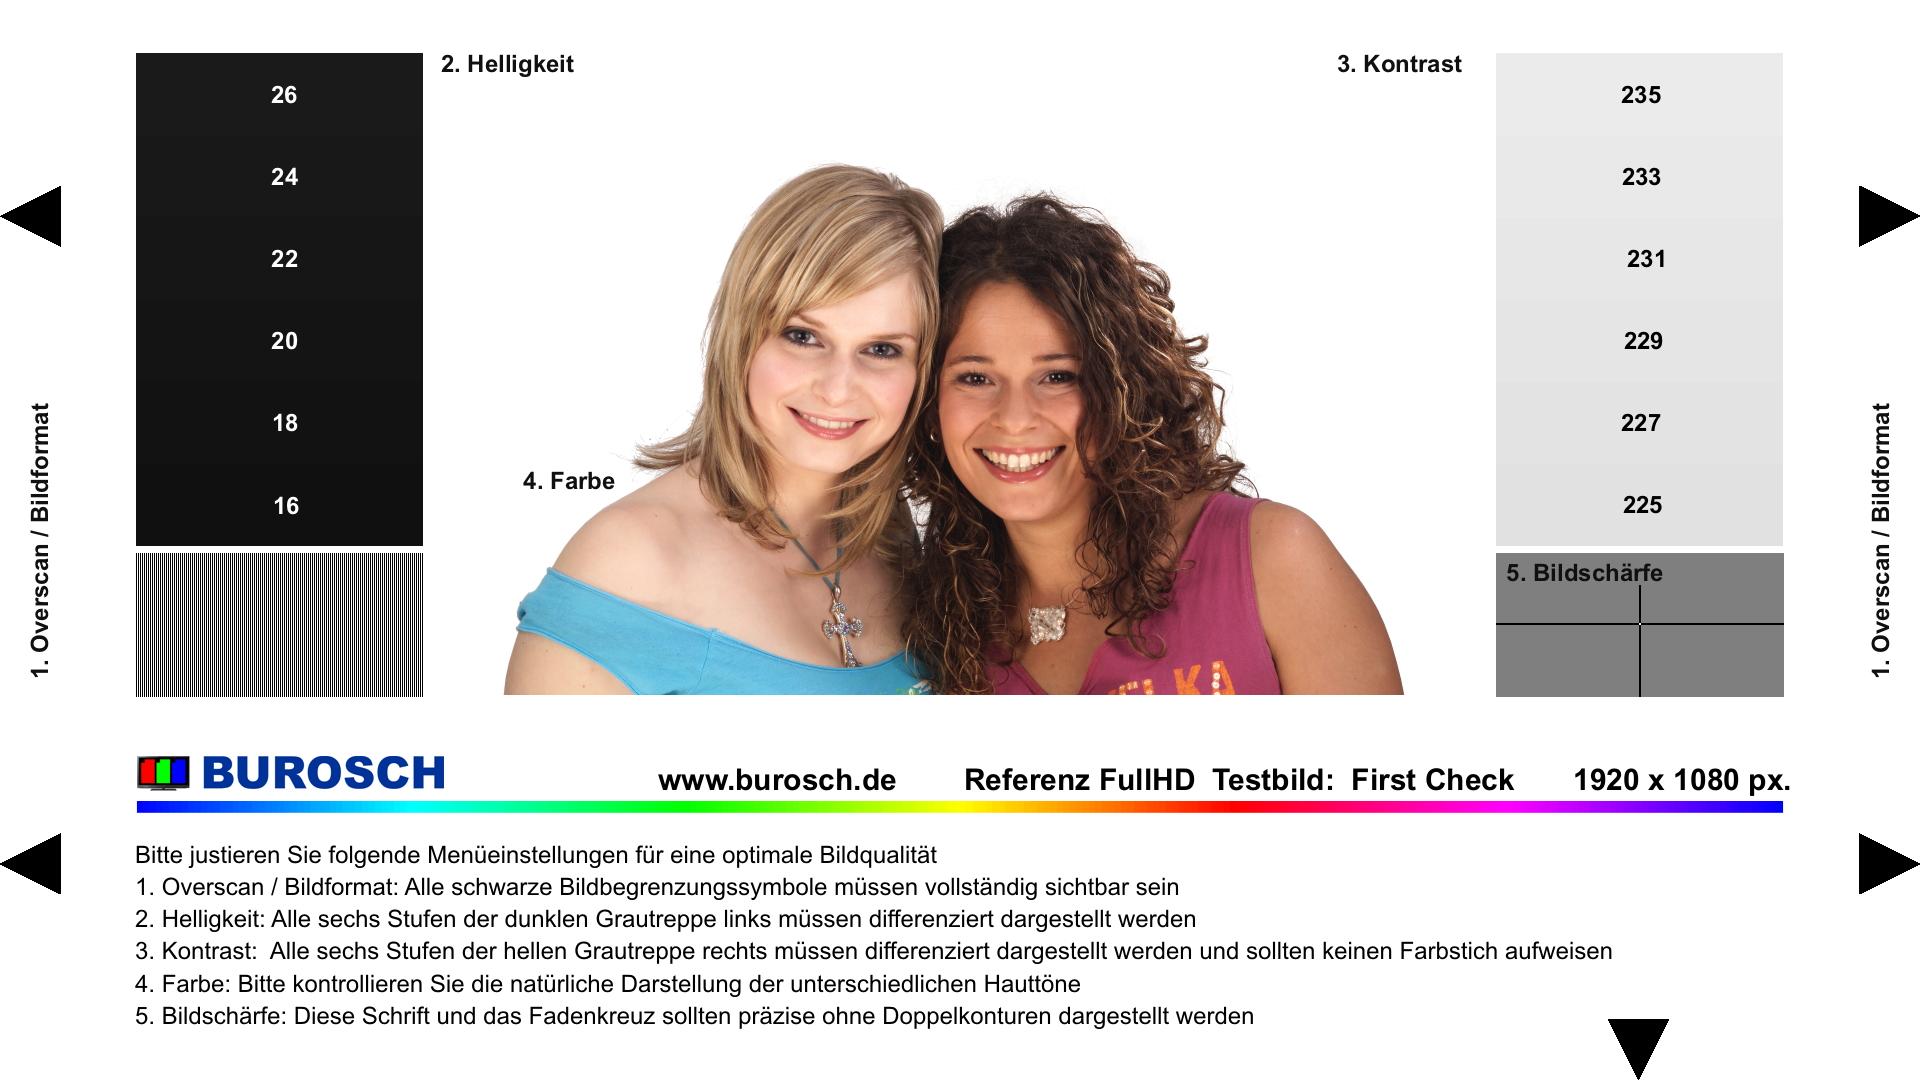 Free Download Burosch First Check Tv Testbild